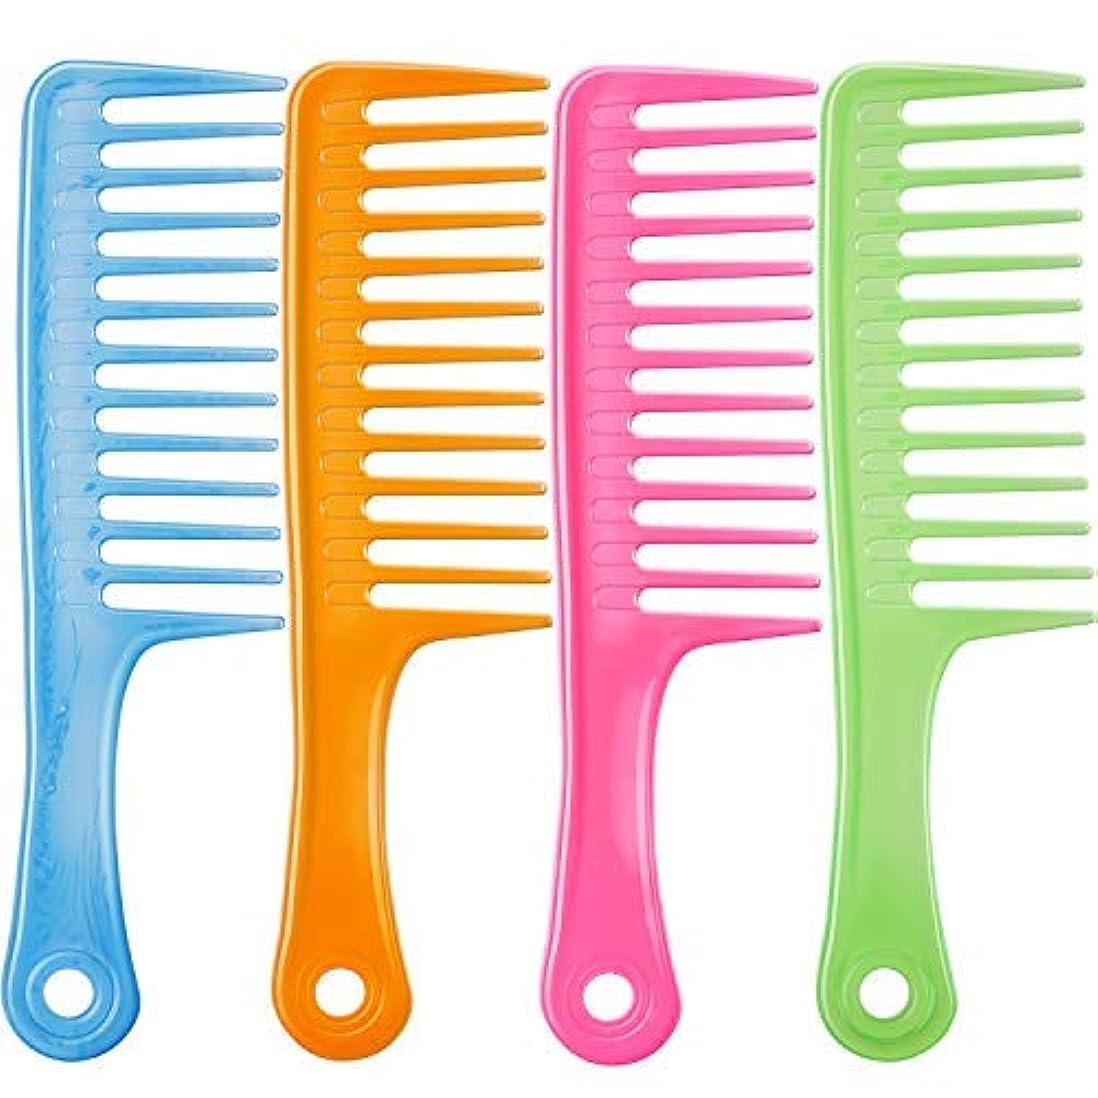 おっと土地穴TecUnite 4 Pieces 9 1/2 Inches Anti-static Large Tooth Detangle Comb, Wide Tooth Hair Comb Salon Shampoo Comb for Thick Hair Long Hair and Curly Hair (Mutil Color 3) [並行輸入品]